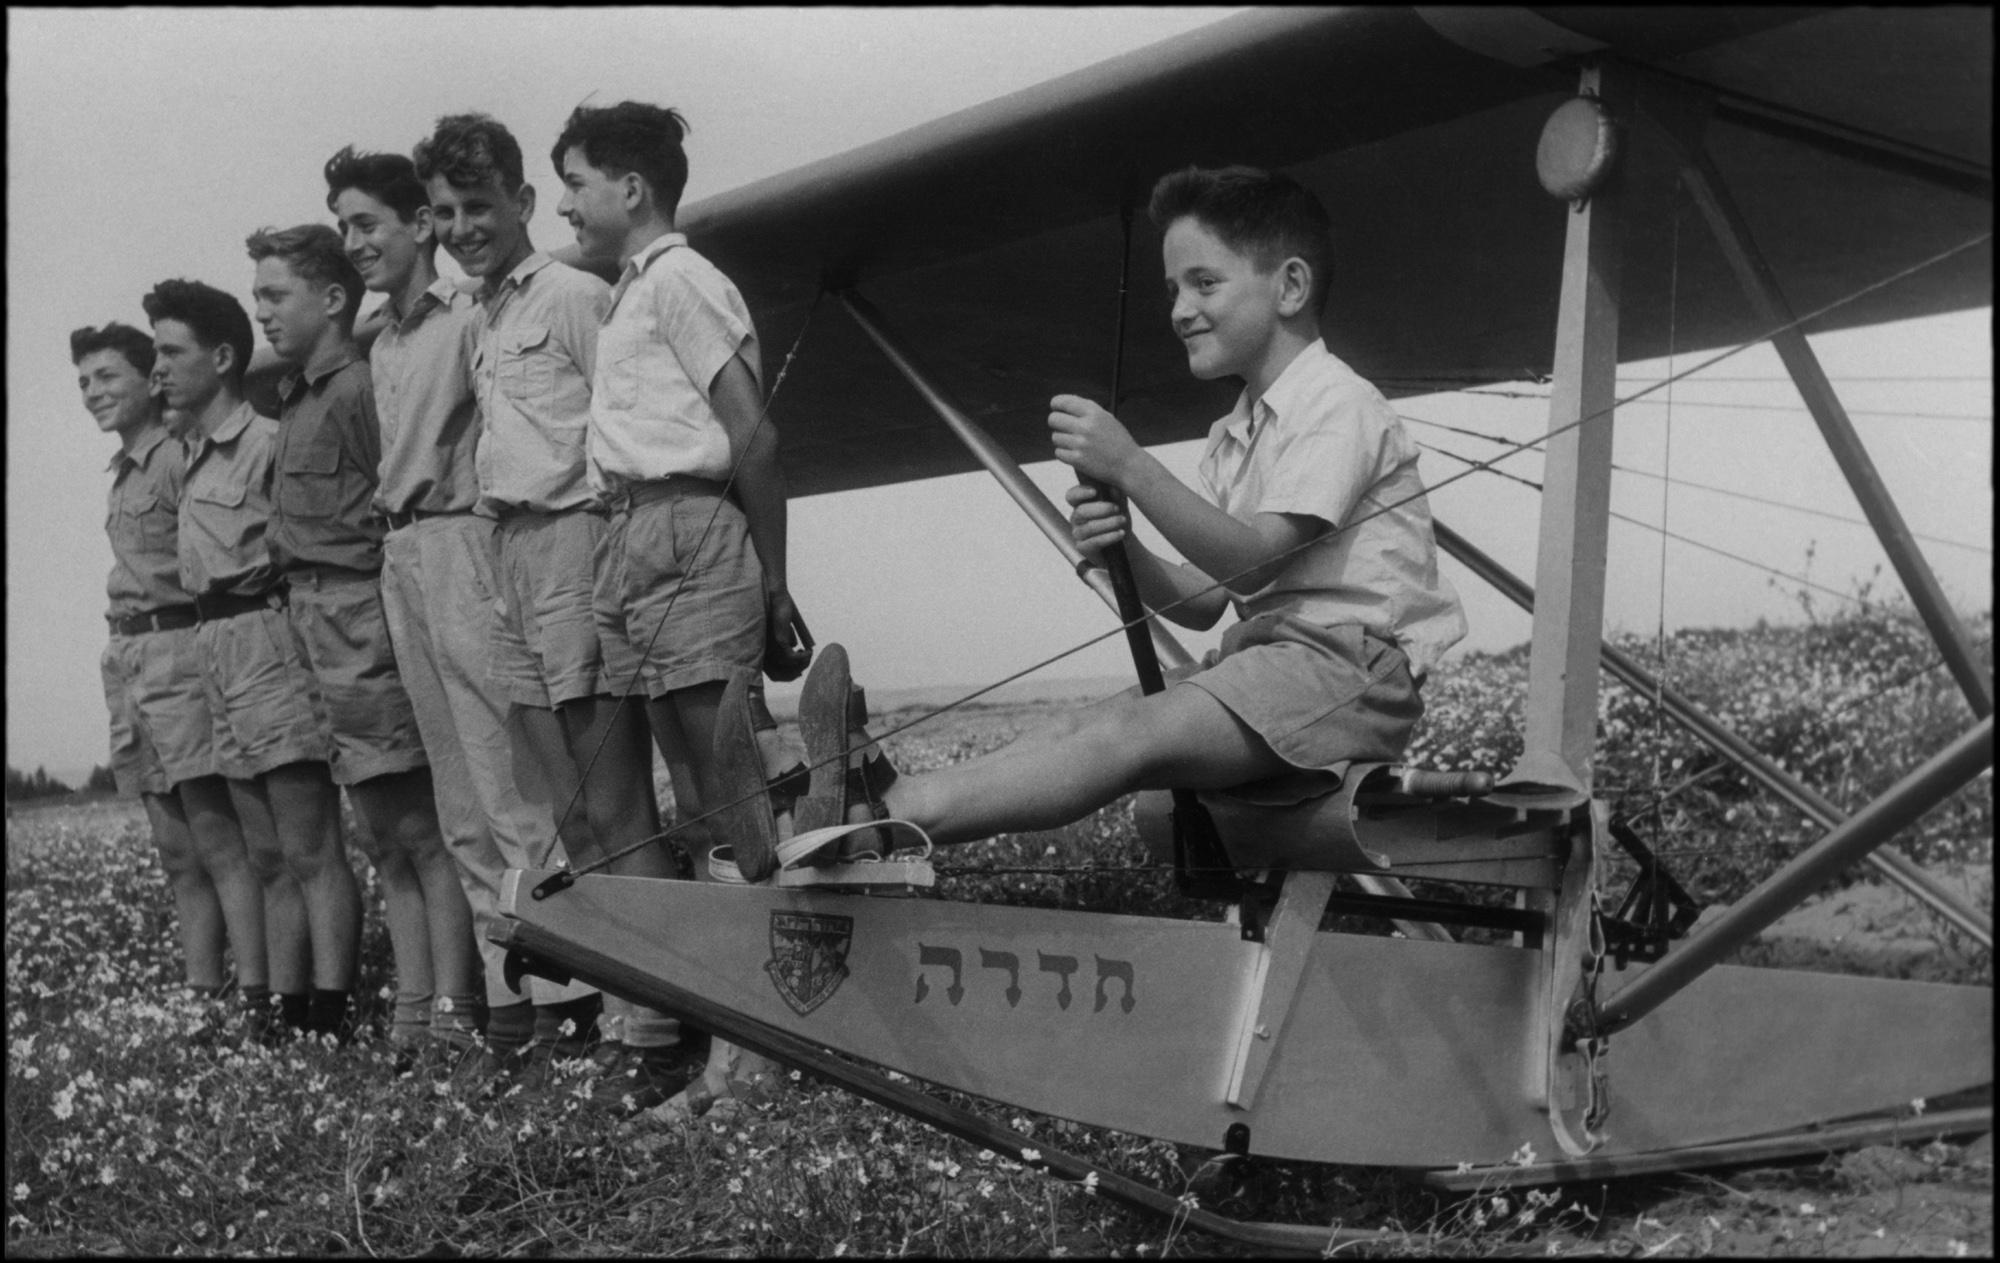 חזון האוויר_ לפני זינוק הבכורה בטקס חנוכת הגלשון חדרה_1949